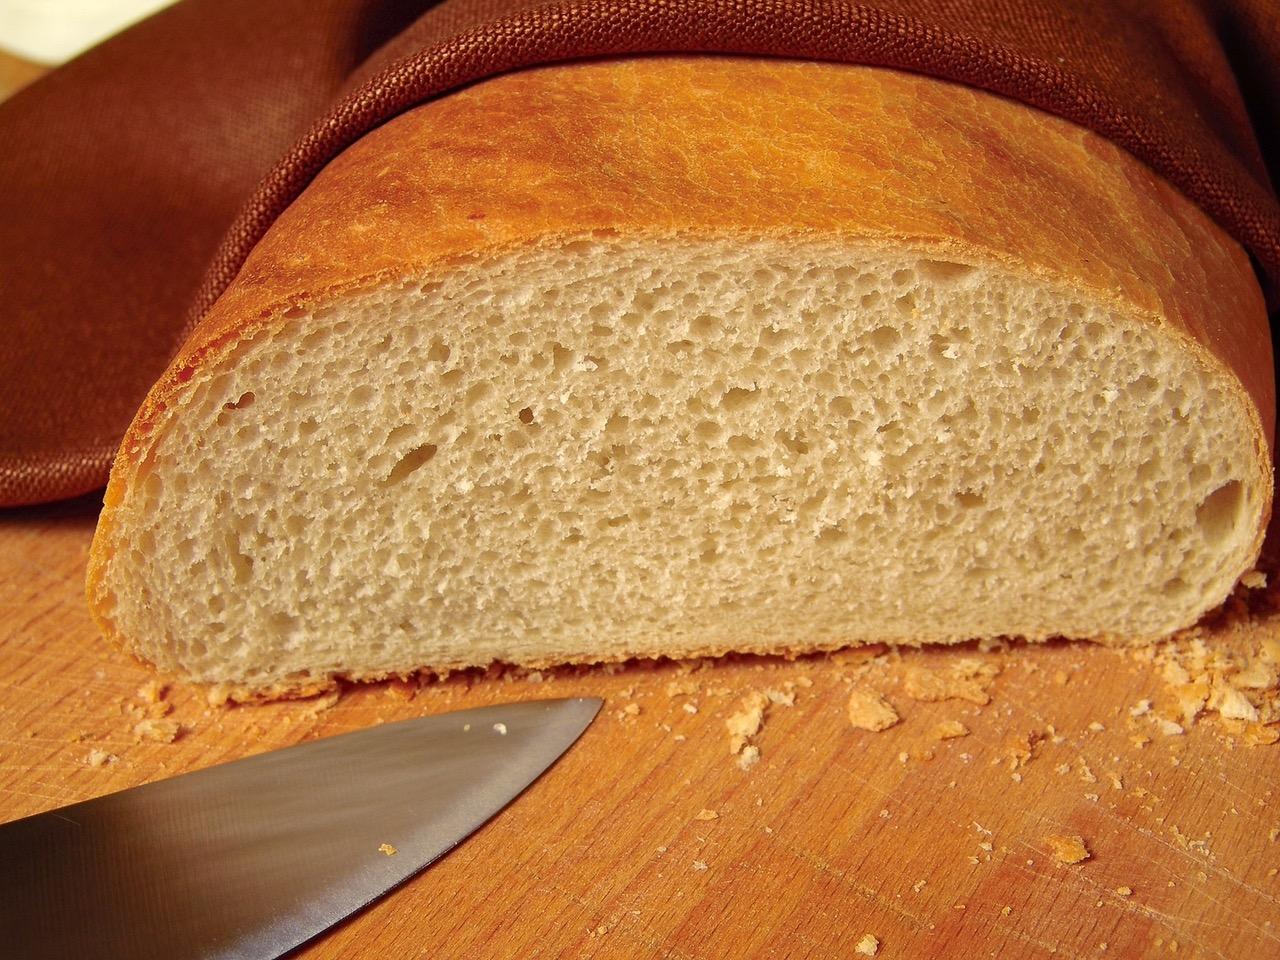 Recette : un pain un peu spécial